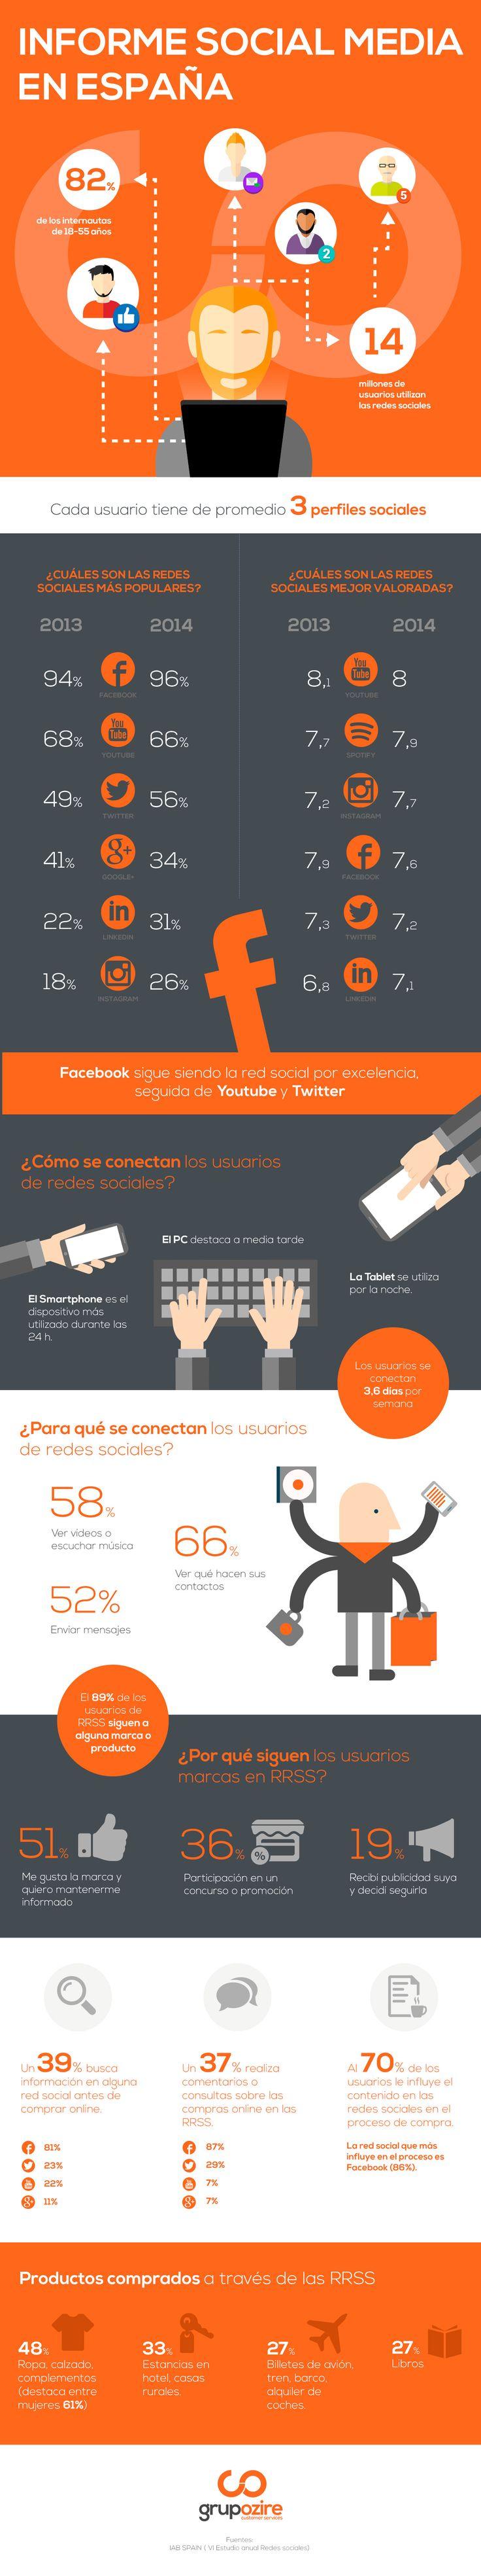 Informe #Socialmedia en España #infografía